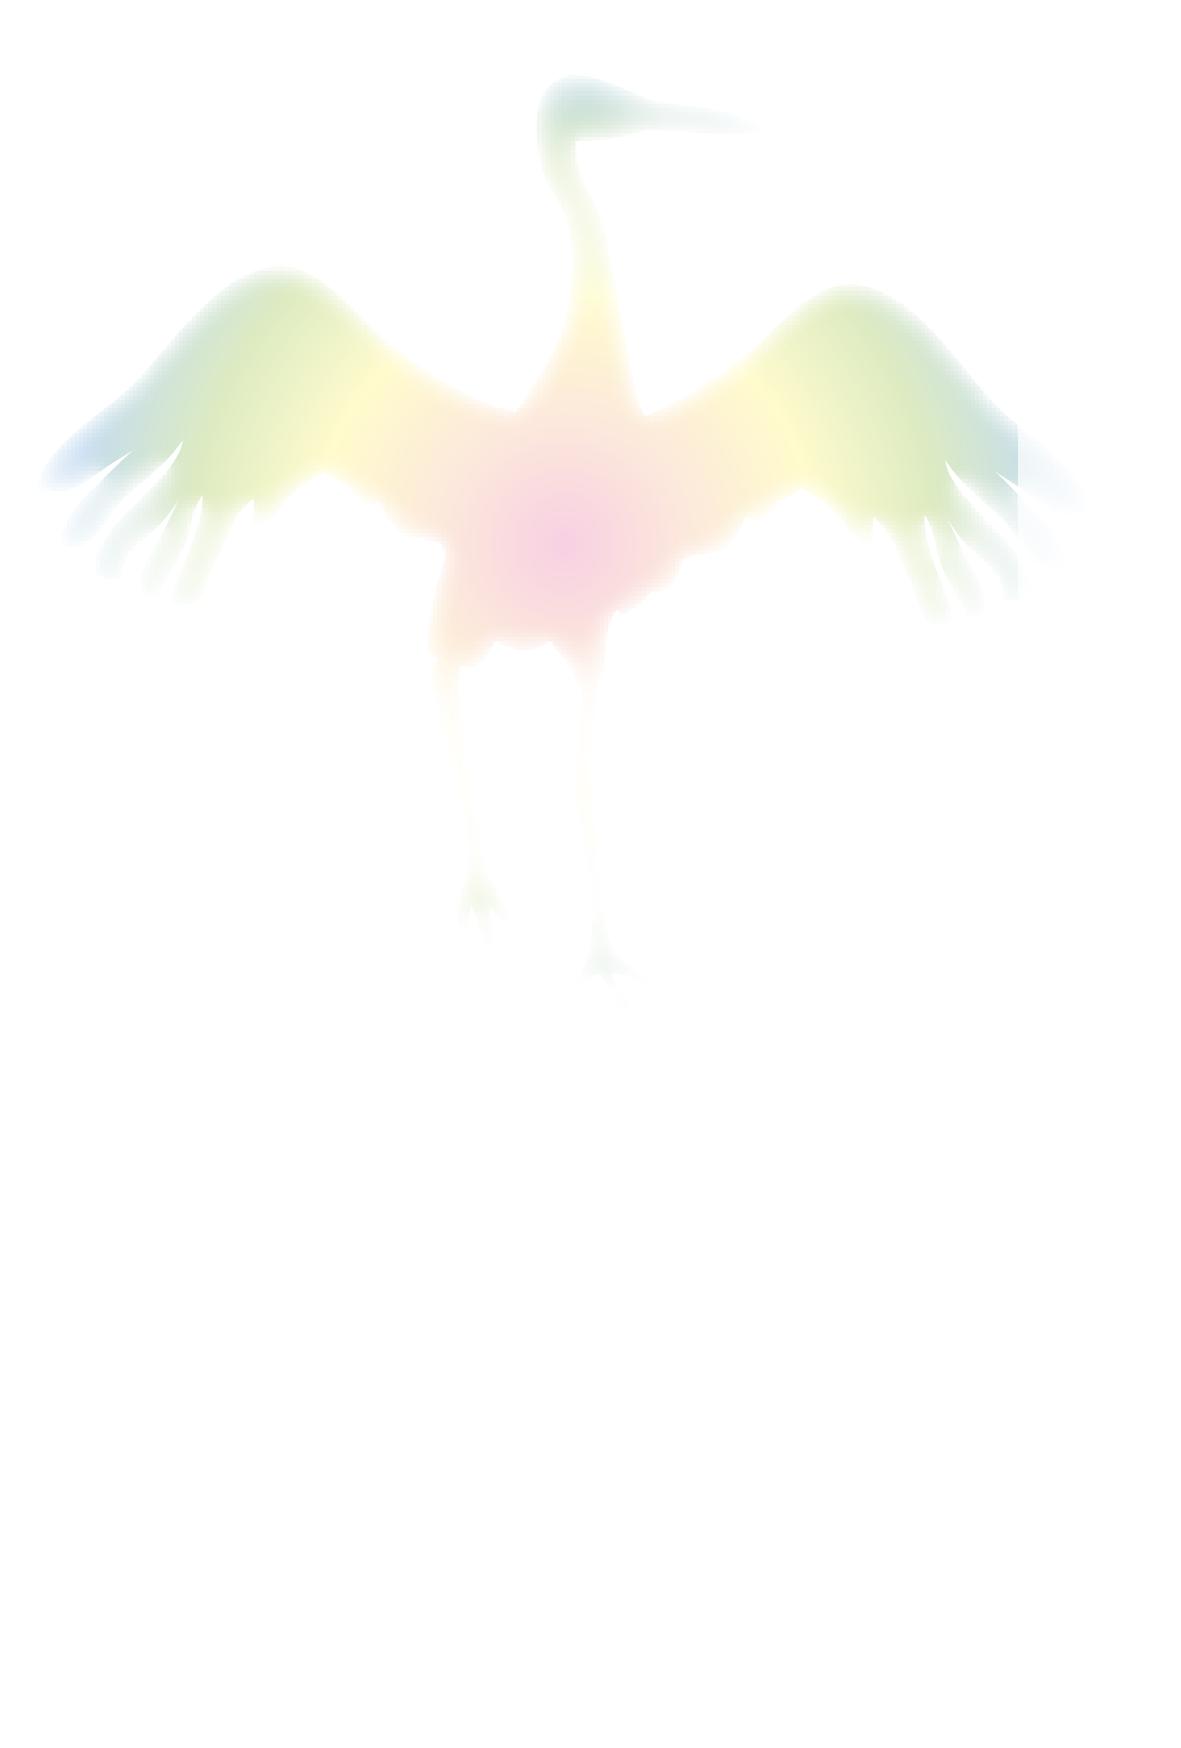 綺麗な色合いの鶴(ツル)が描かれた(文字なし)